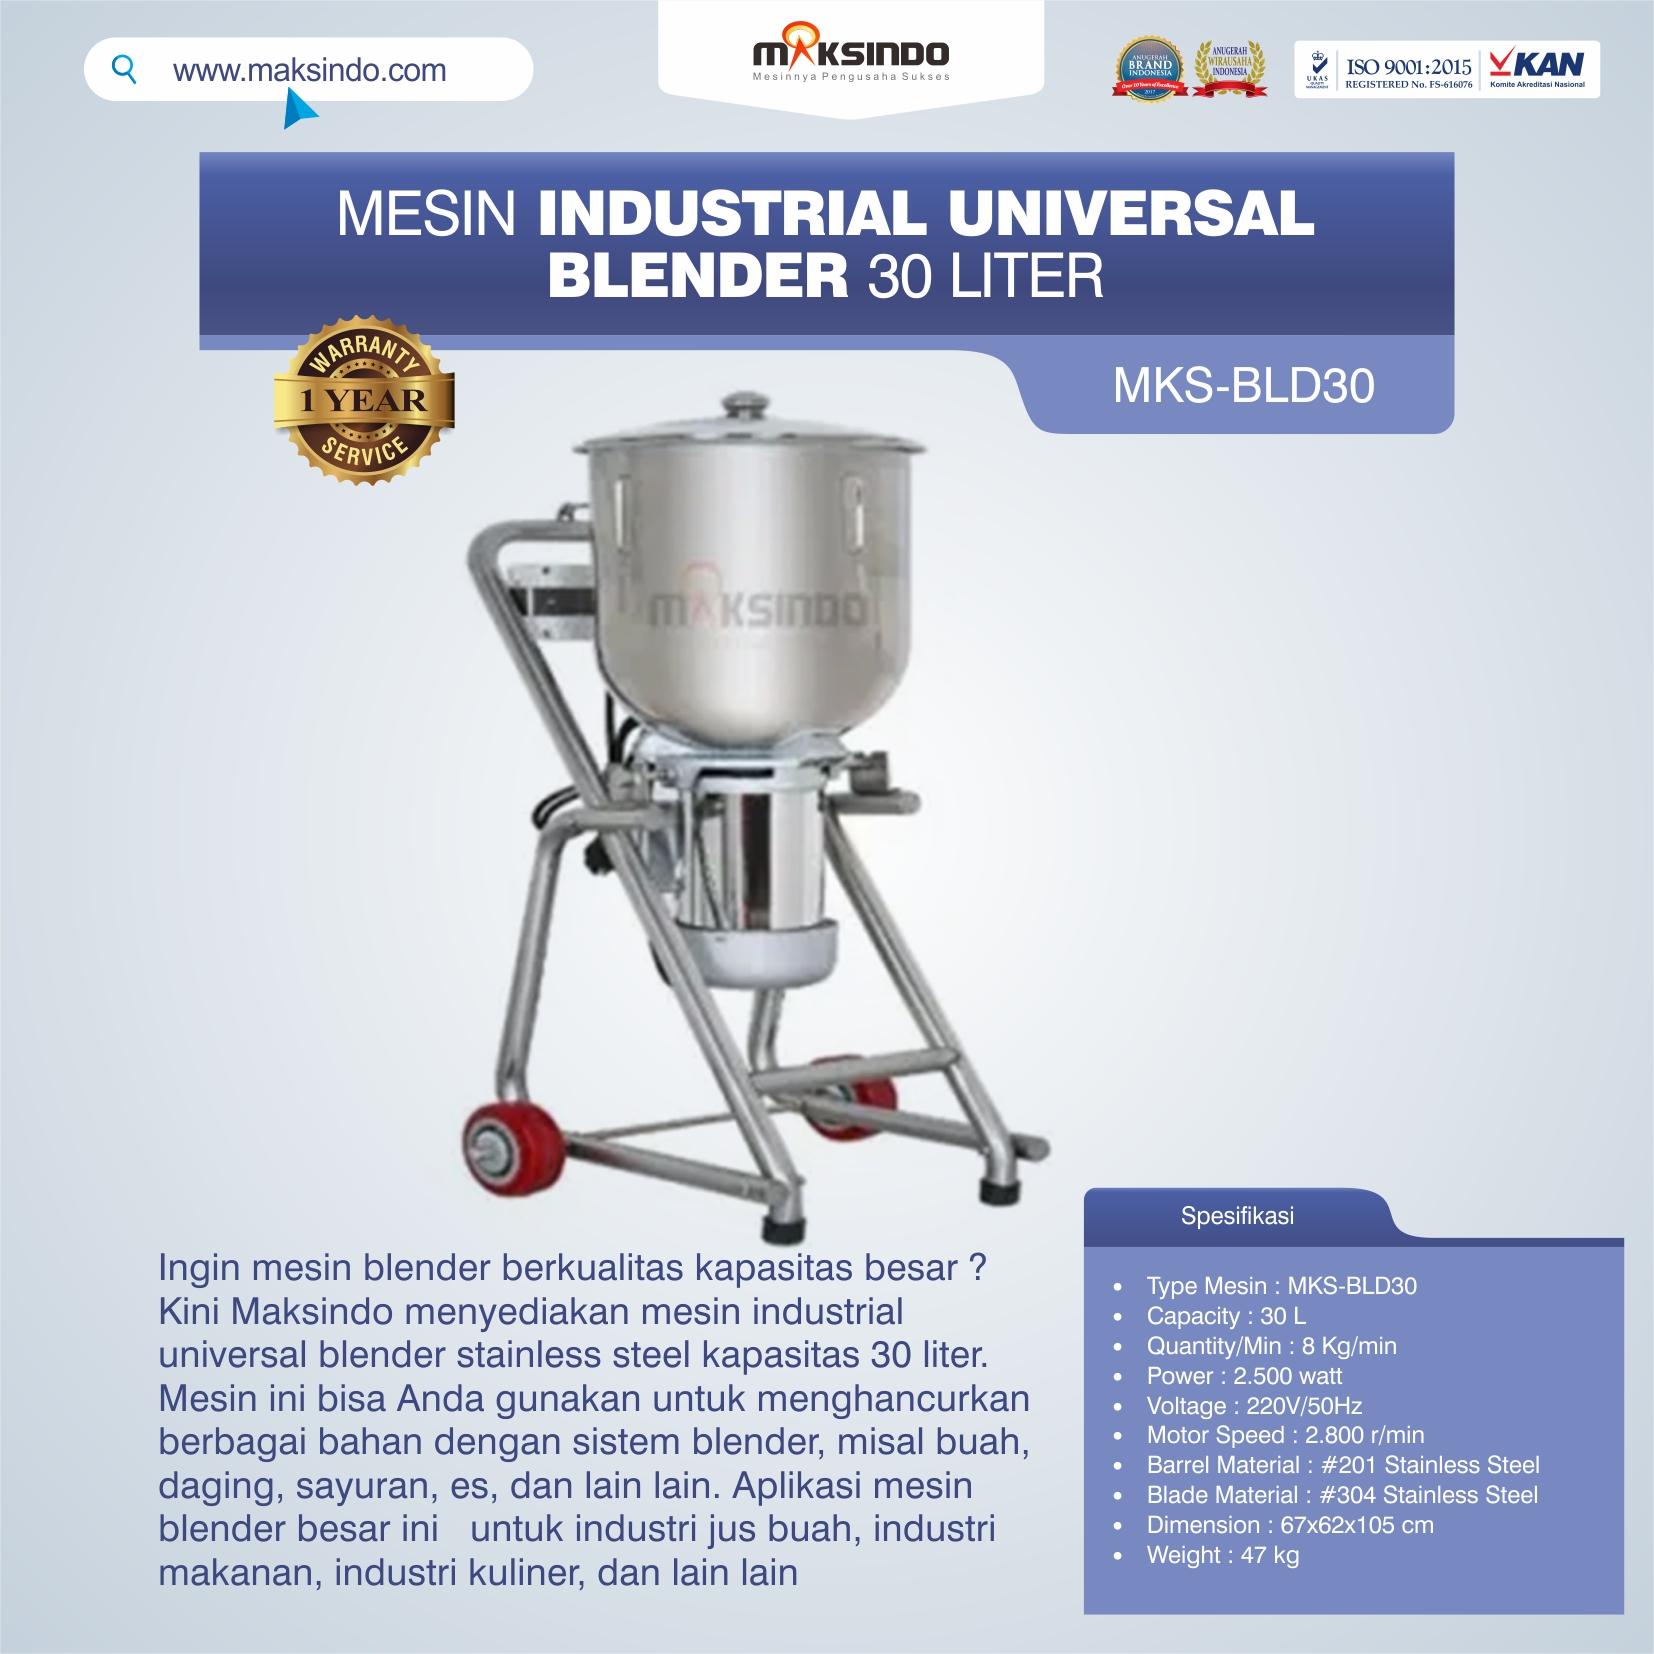 Jual Industrial Universal Blender 30 Liter MKS-BLD30 di Solo